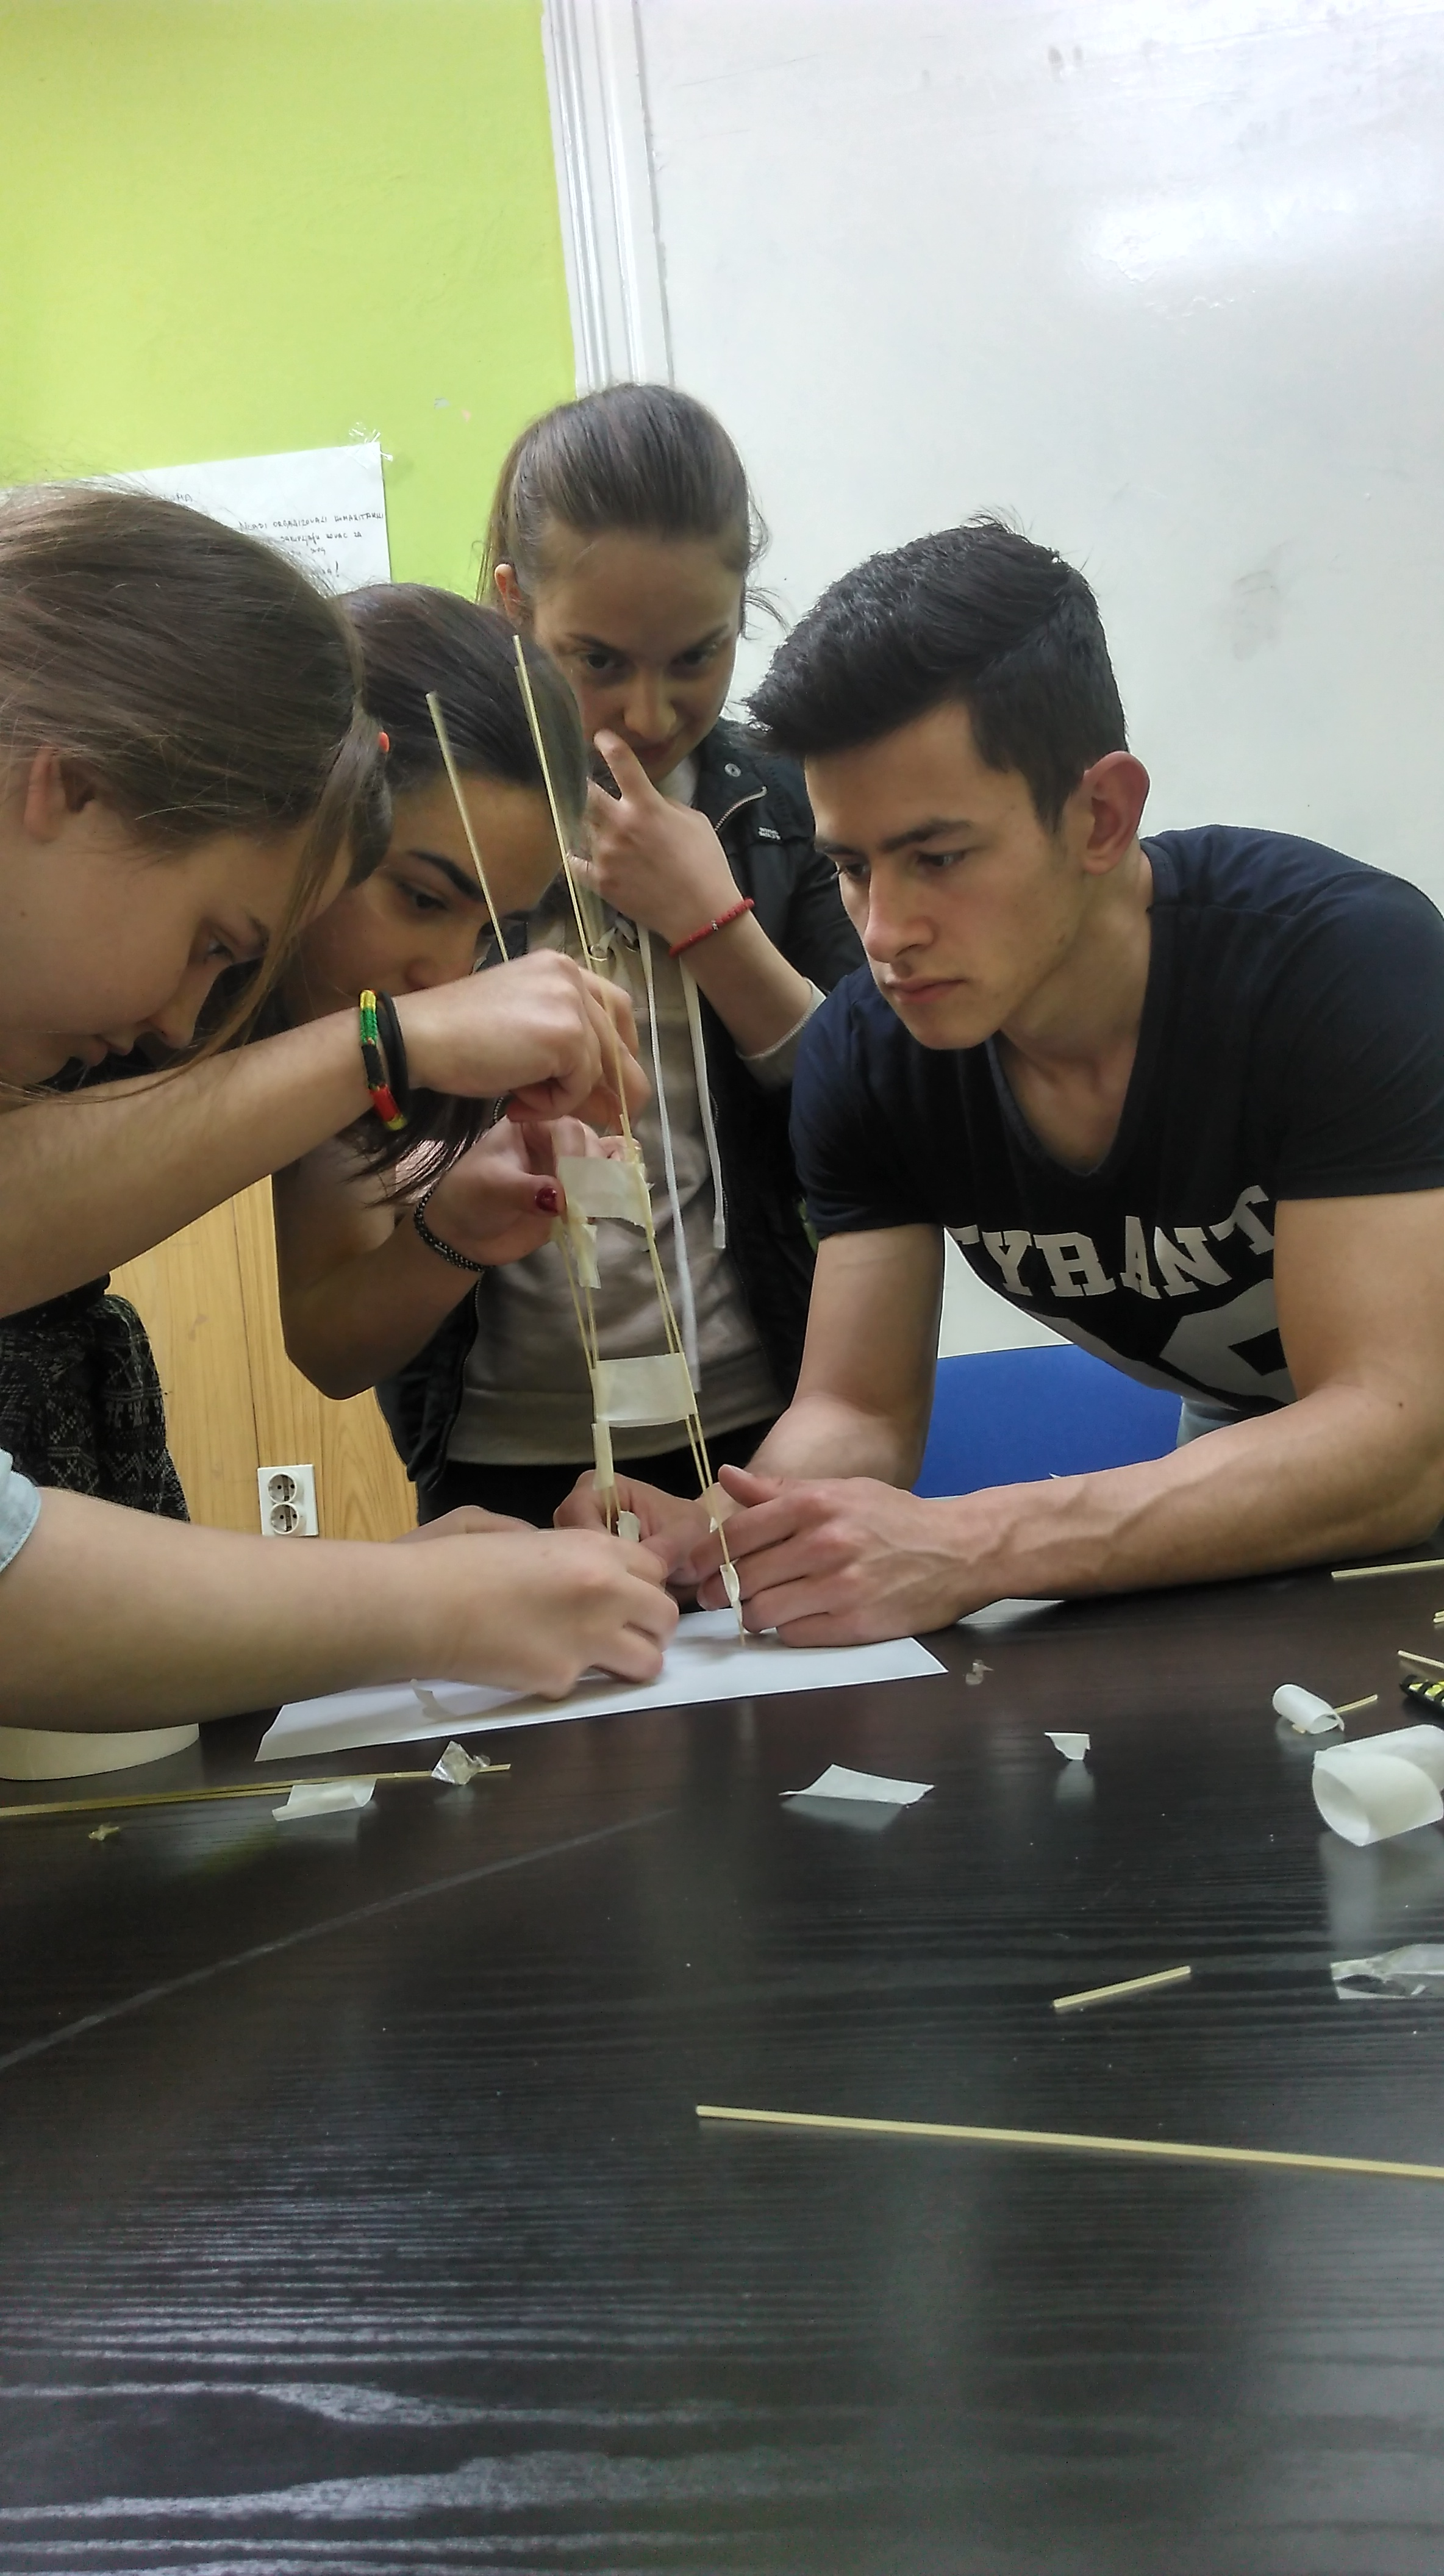 Realizacija zadatka omladinske liderke Jelene Mitrović